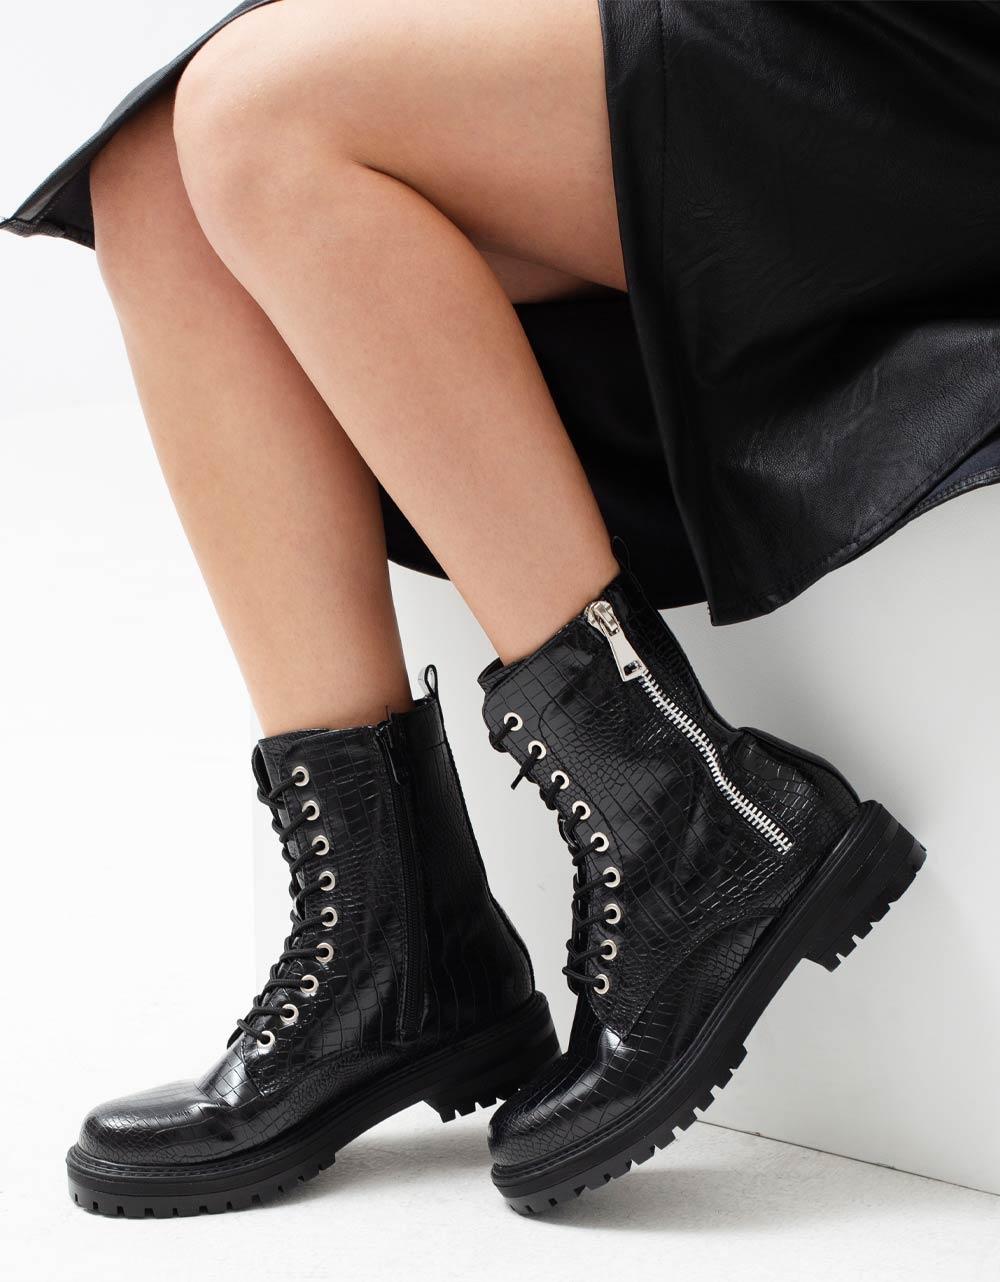 Εικόνα από Γυναικεία μποτάκια με κροκό σχέδιο Μαύρο